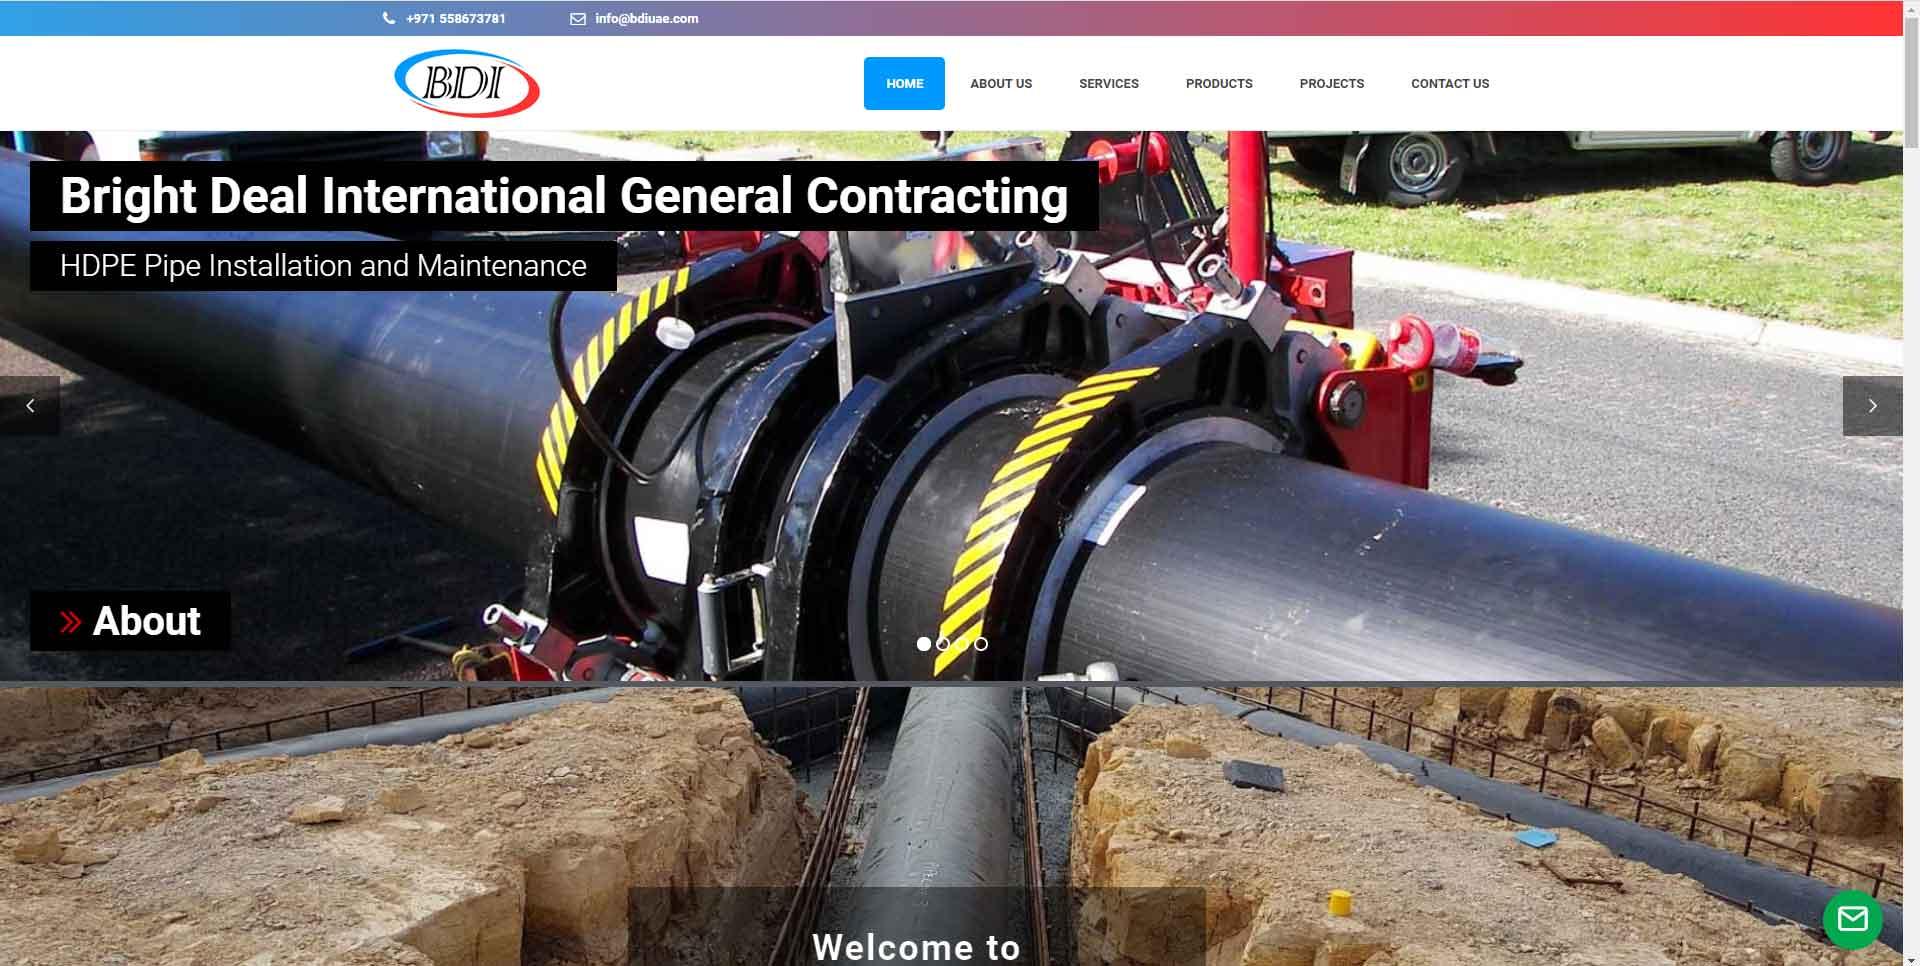 website designing in jaipur